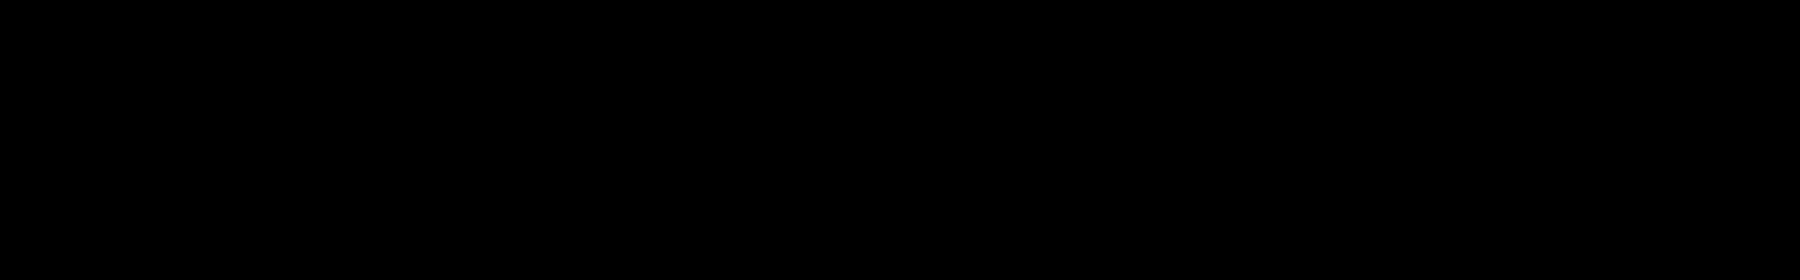 Luftrum 21 audio waveform